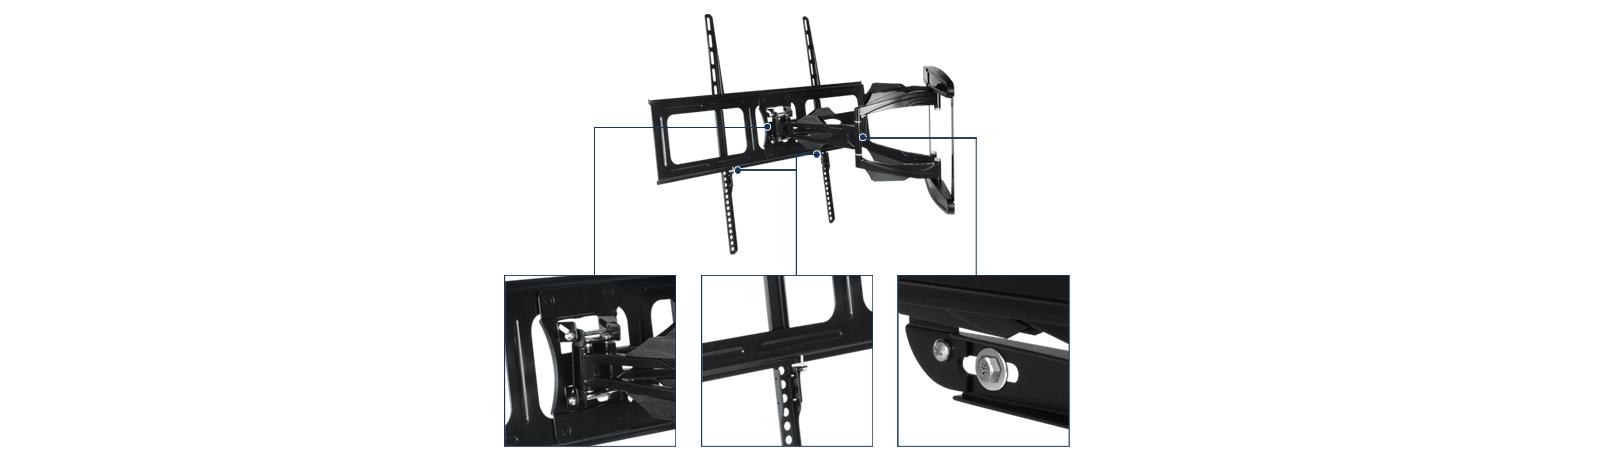 Vollbewegliche XL TV-Wandhalterung mit stabilem Halterungssystem ARCTIC TV Flex L